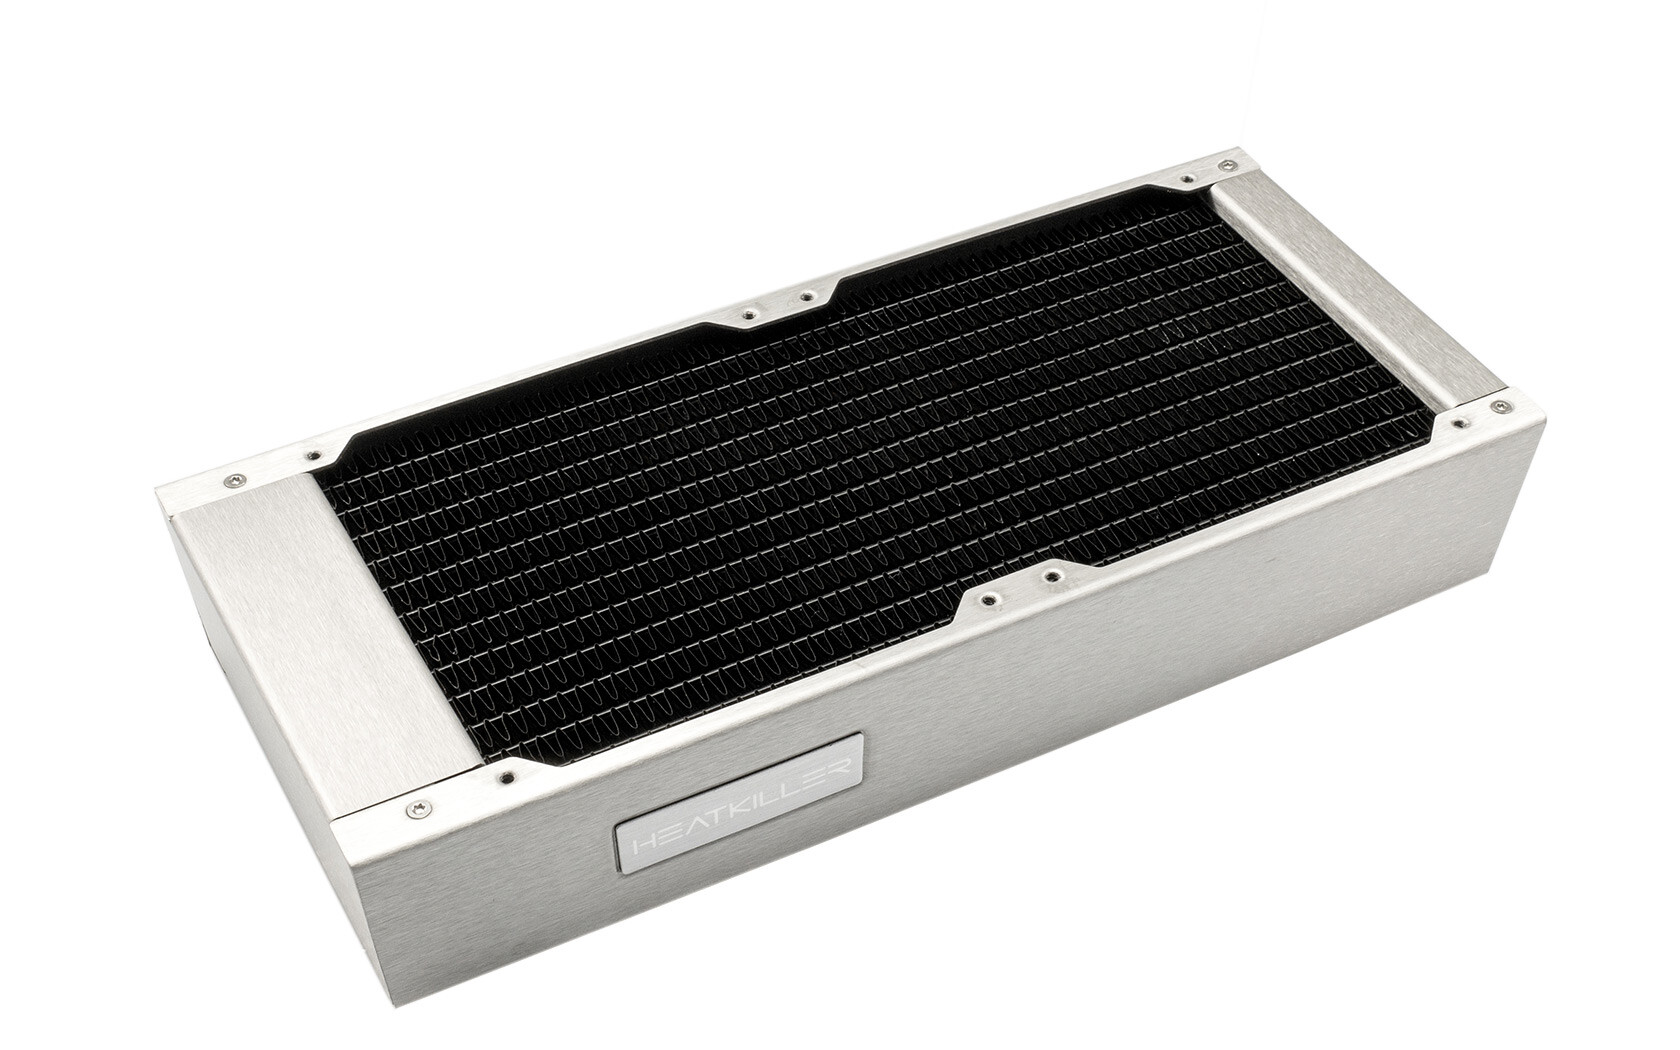 Watercool présente ces nouveaux radiateurs Heatkiller Rad 240 L Acier Inoxydable